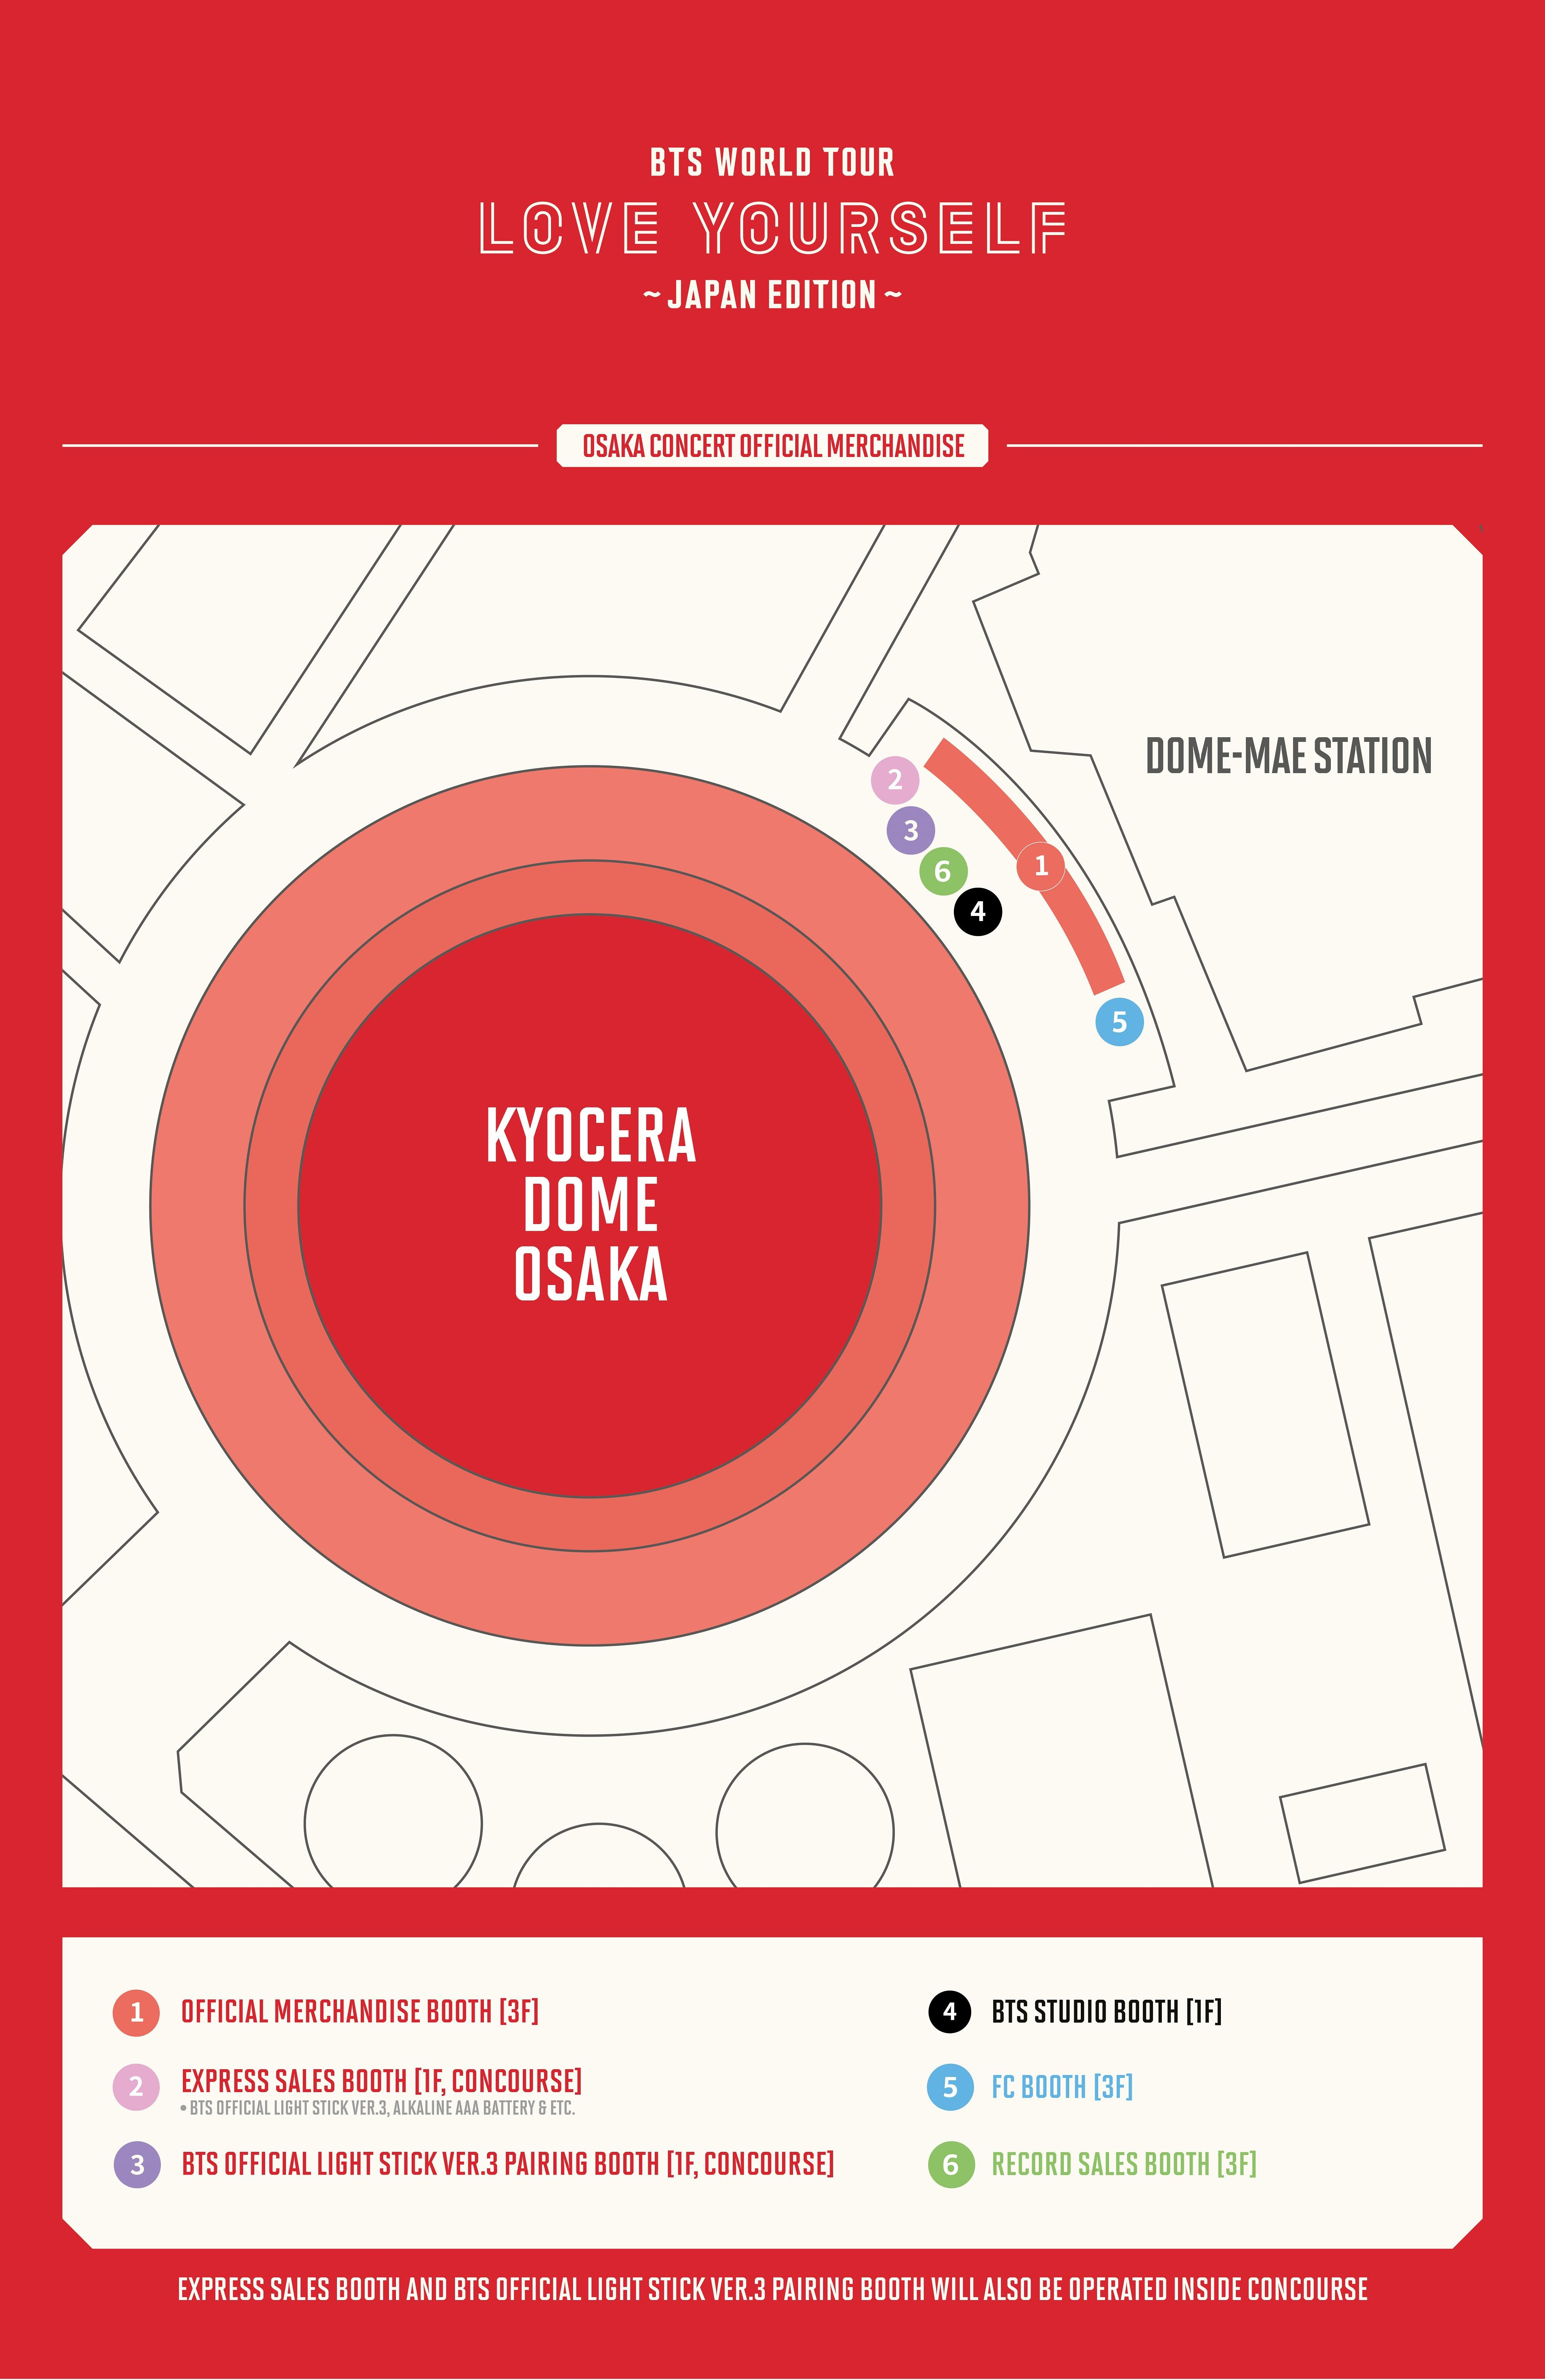 OSAKA_KYOSERADOME_MAP1